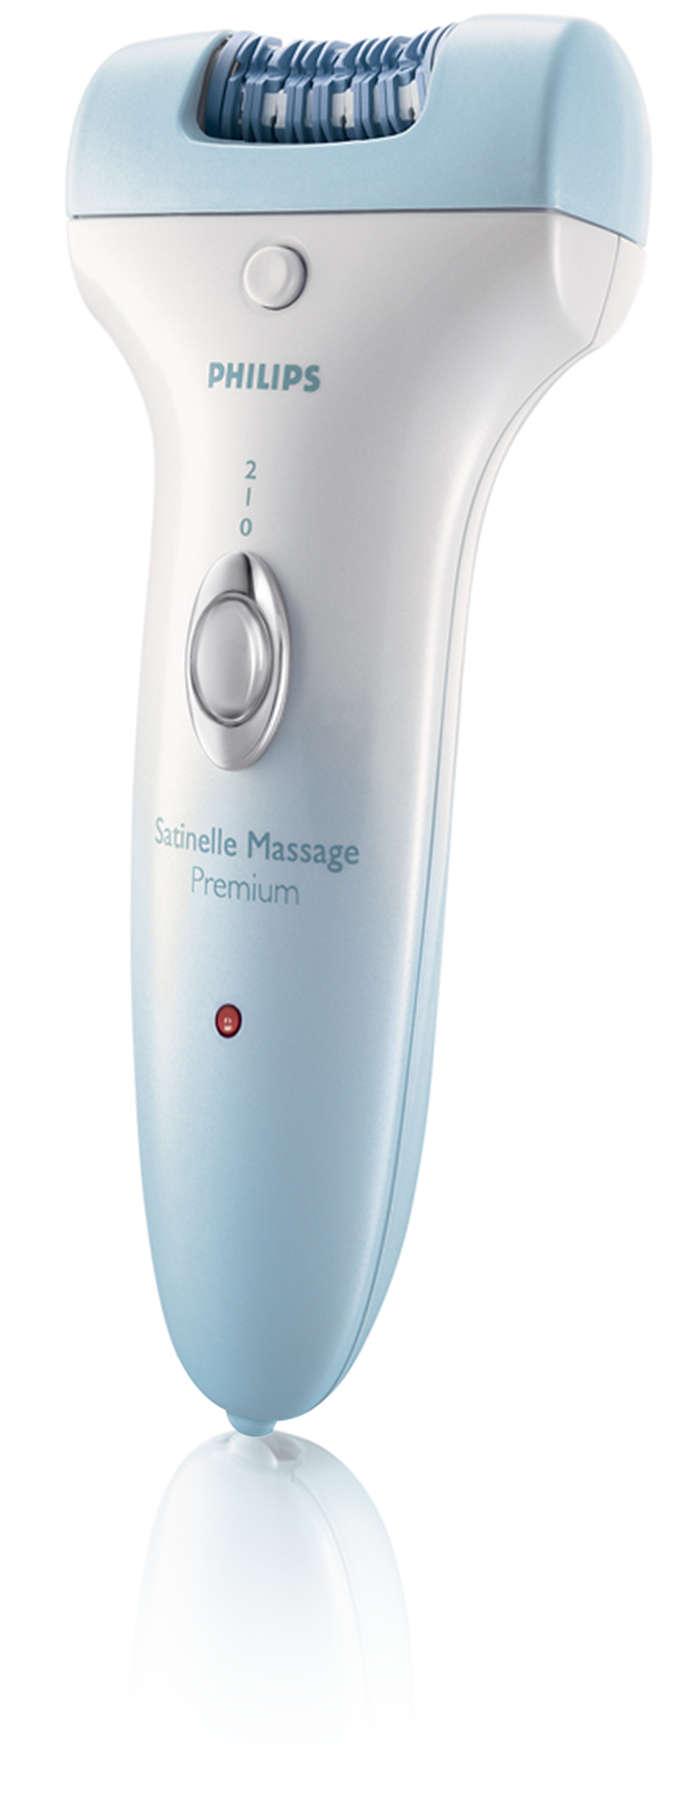 Satinelle Massage Premium